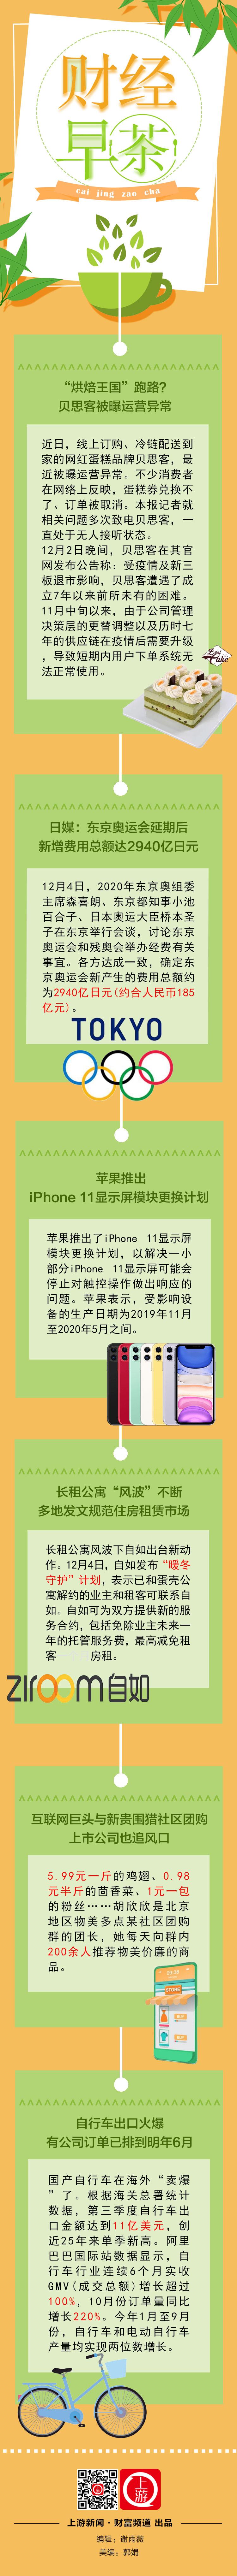 FB5E521C-CE45-4E41-811C-5C15555A396E.jpeg